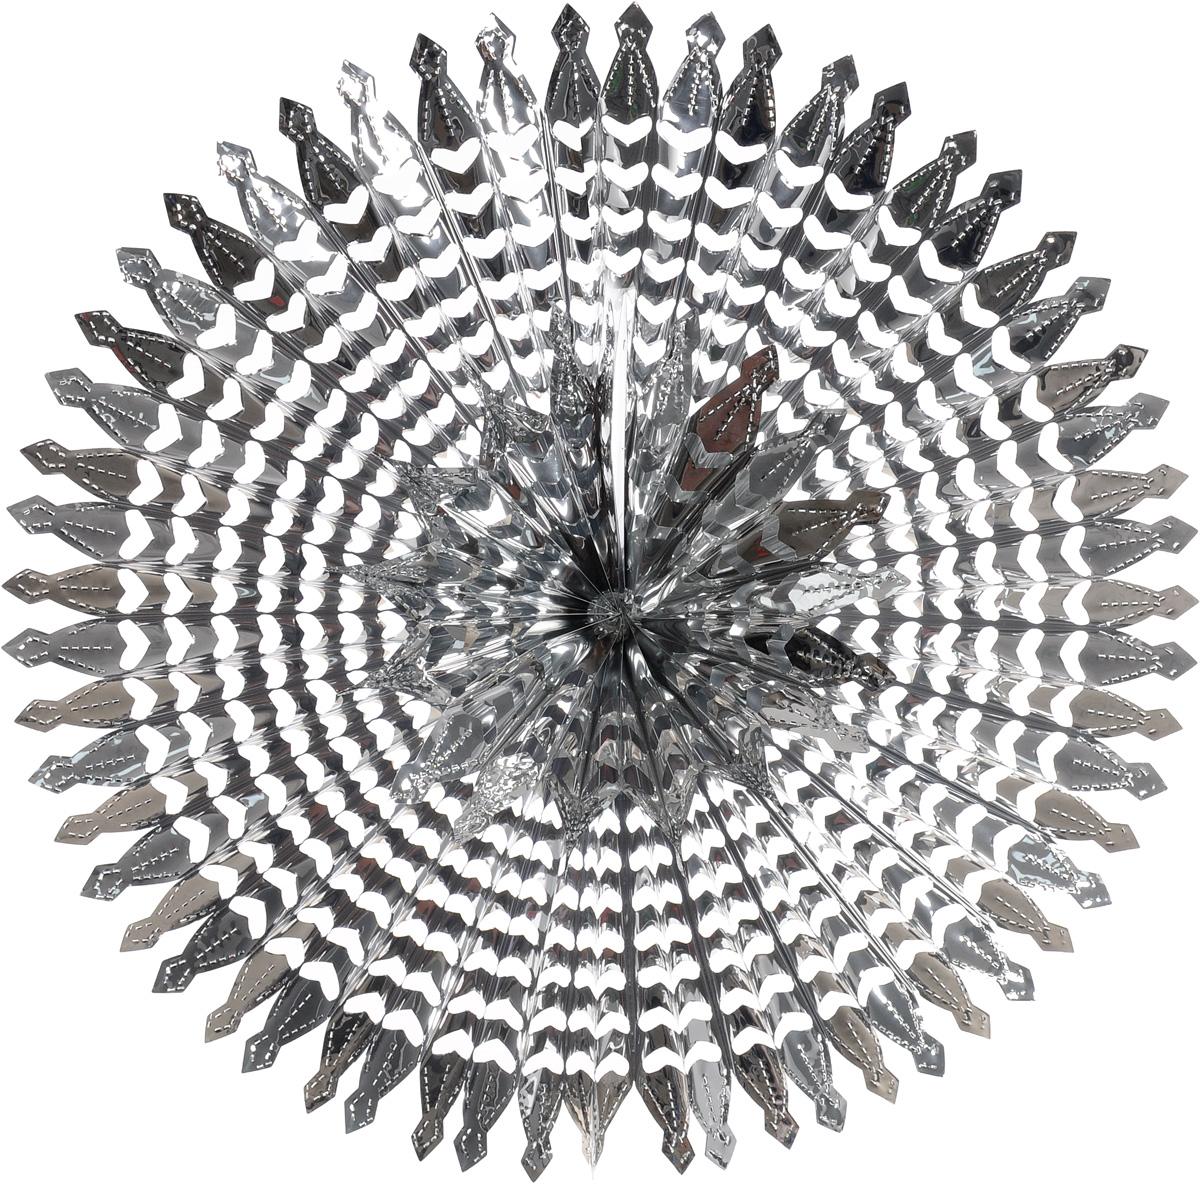 Украшение новогоднее подвесное Winter Wings Радуга, цвет: серебристый, диаметр 51 смN09182_сереброНовогоднее подвесное украшение Winter Wings Радуга, выполненное из ПВХ в виде ажурной снежинки, прекрасно подойдет для праздничного декора дома. С помощью специальной петельки украшение можно подвесить в любом понравившемся вам месте. Легко складывается и раскладывается. Новогодние украшения несут в себе волшебство и красоту праздника. Они помогут вам украсить дом к предстоящим праздникам и оживить интерьер по вашему вкусу. Создайте в доме атмосферу тепла, веселья и радости, украшая его всей семьей.